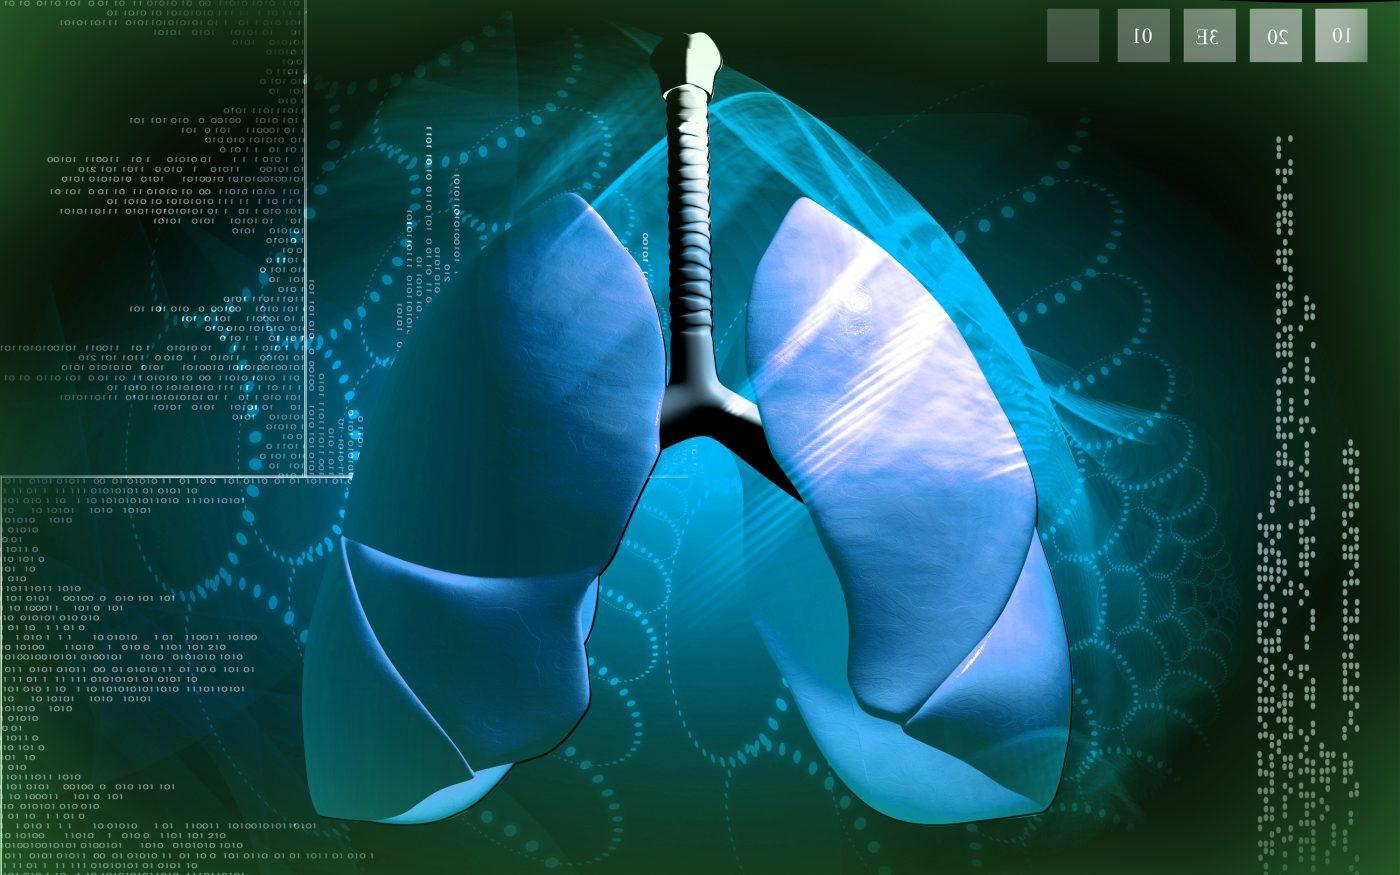 Οι ερευνητές μετέτρεψαν με επιτυχία πνευμονοβλάστες